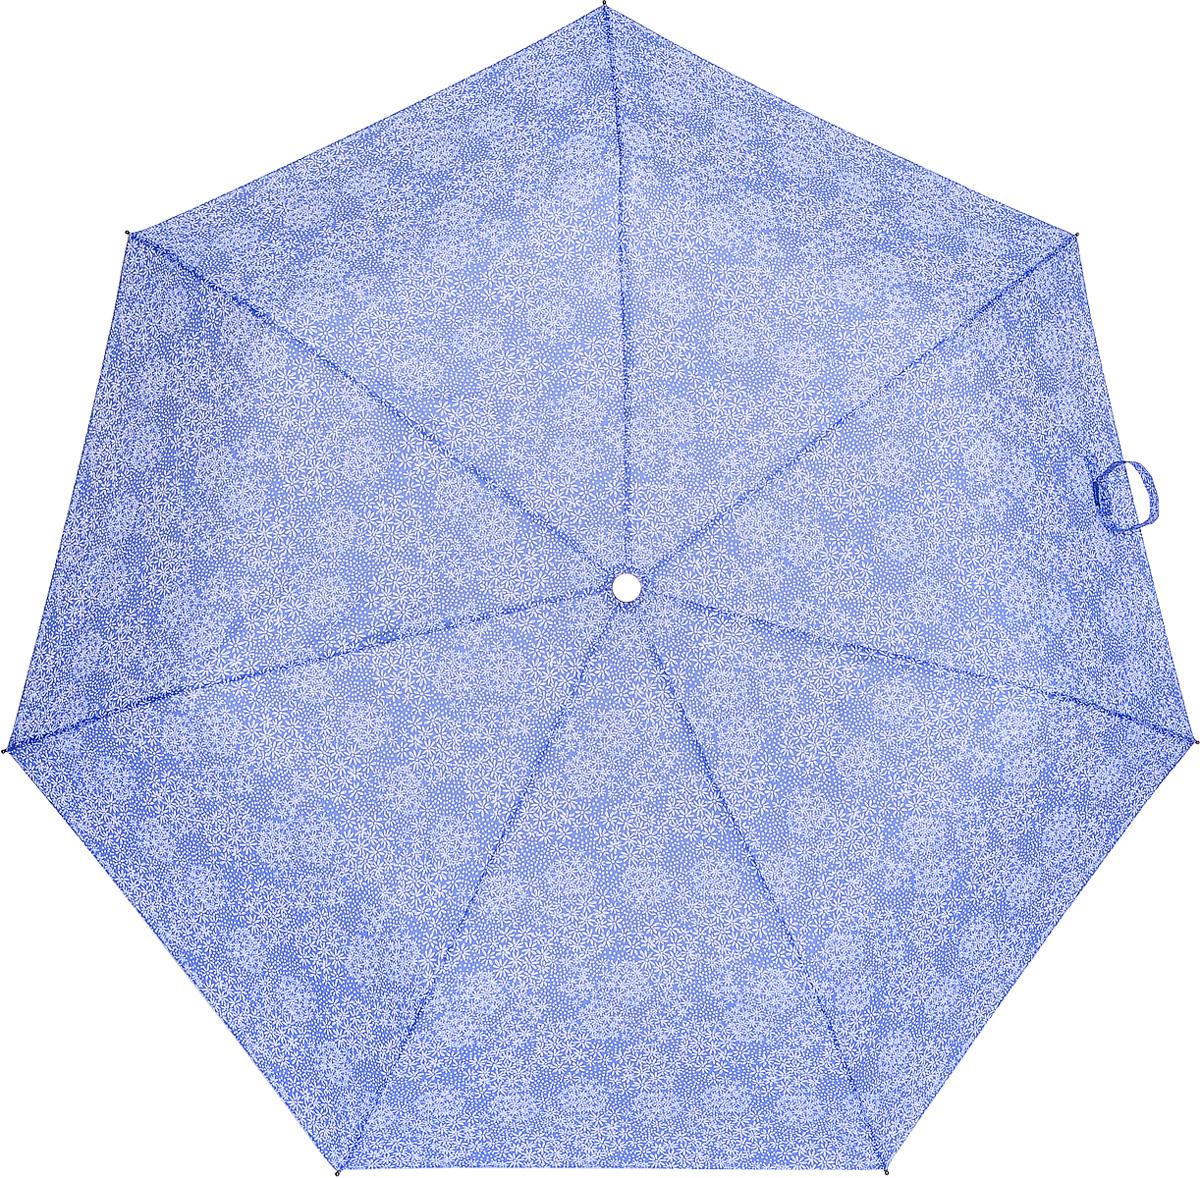 C-Collection 534-4 Зонт полный автом. 3 сл. жен.534-4Зонт испанского производителя Clima. В производстве зонтов используются современные материалы, что делает зонты легкими, но в то же время крепкими.Полный автомат, 3 сложения, 7 спиц, полиэстер.